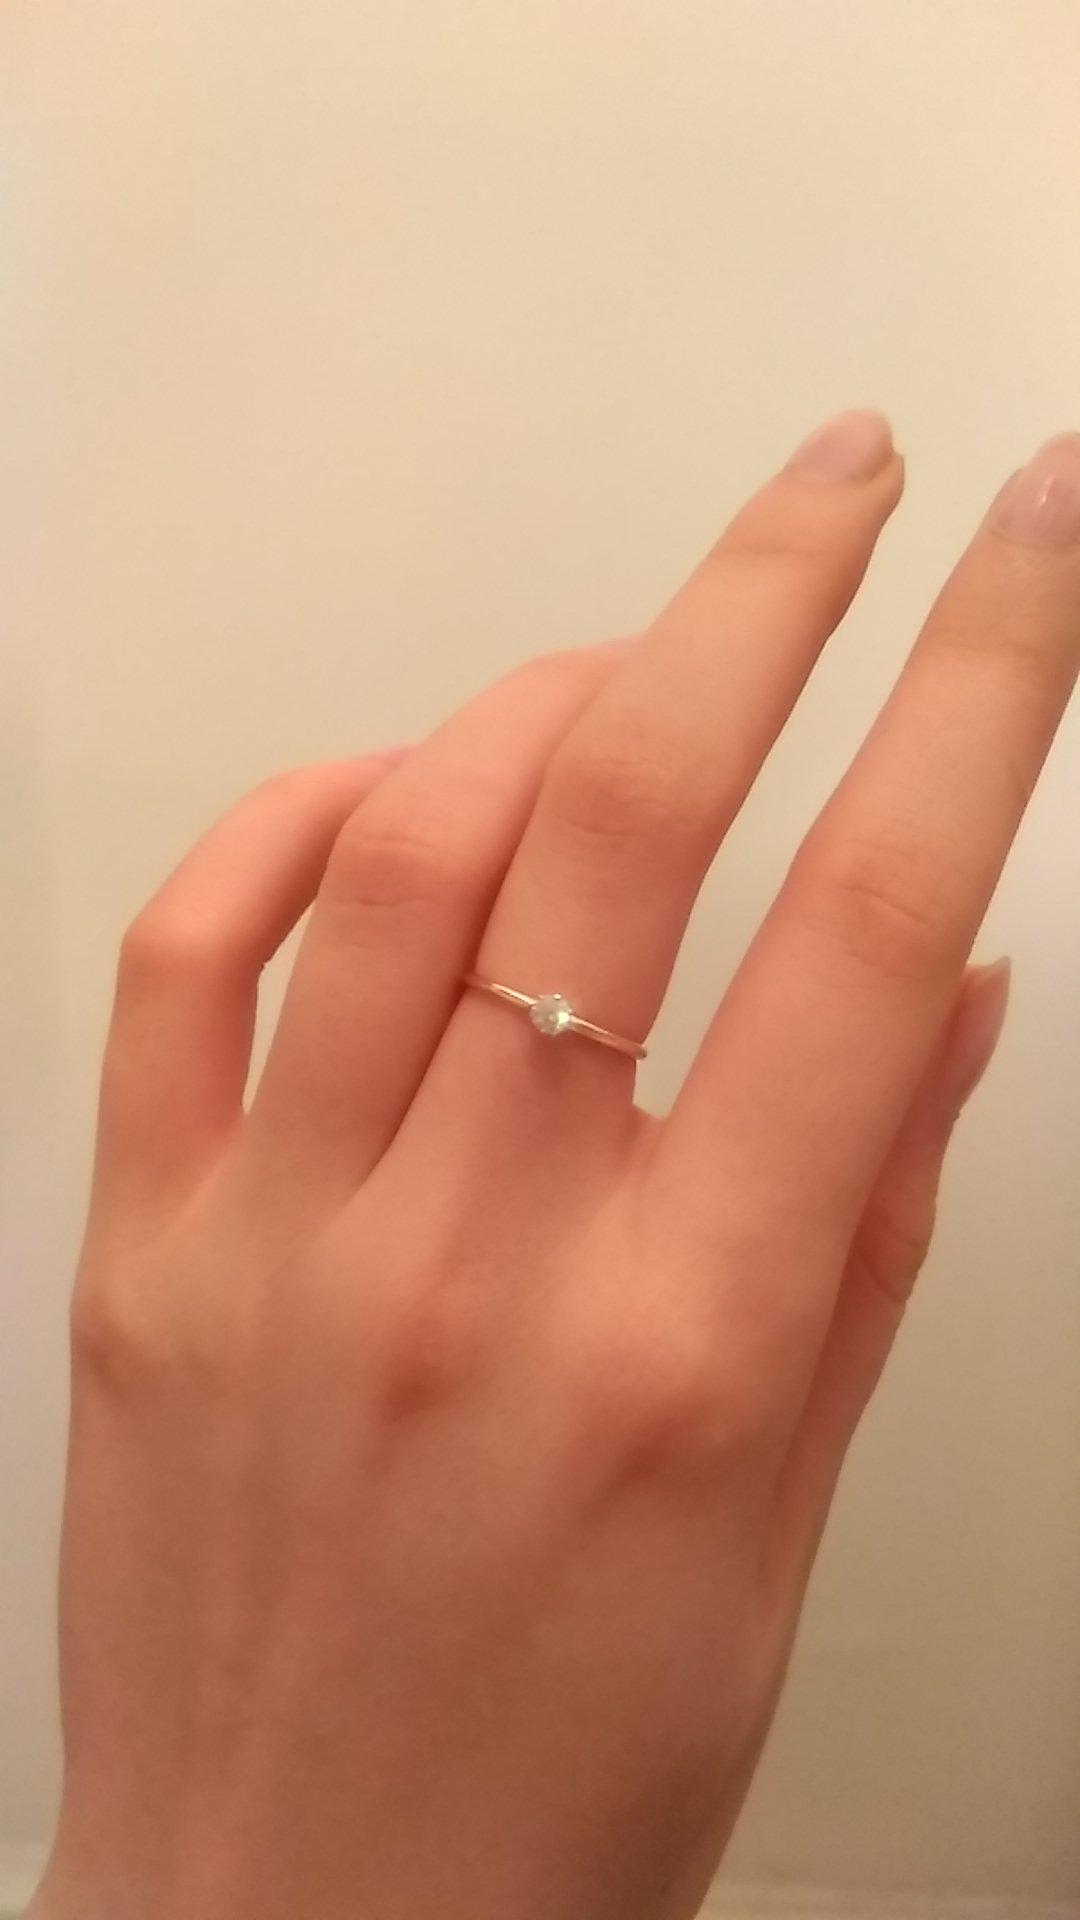 Замечательное кольцо за очень приемлемую цену)